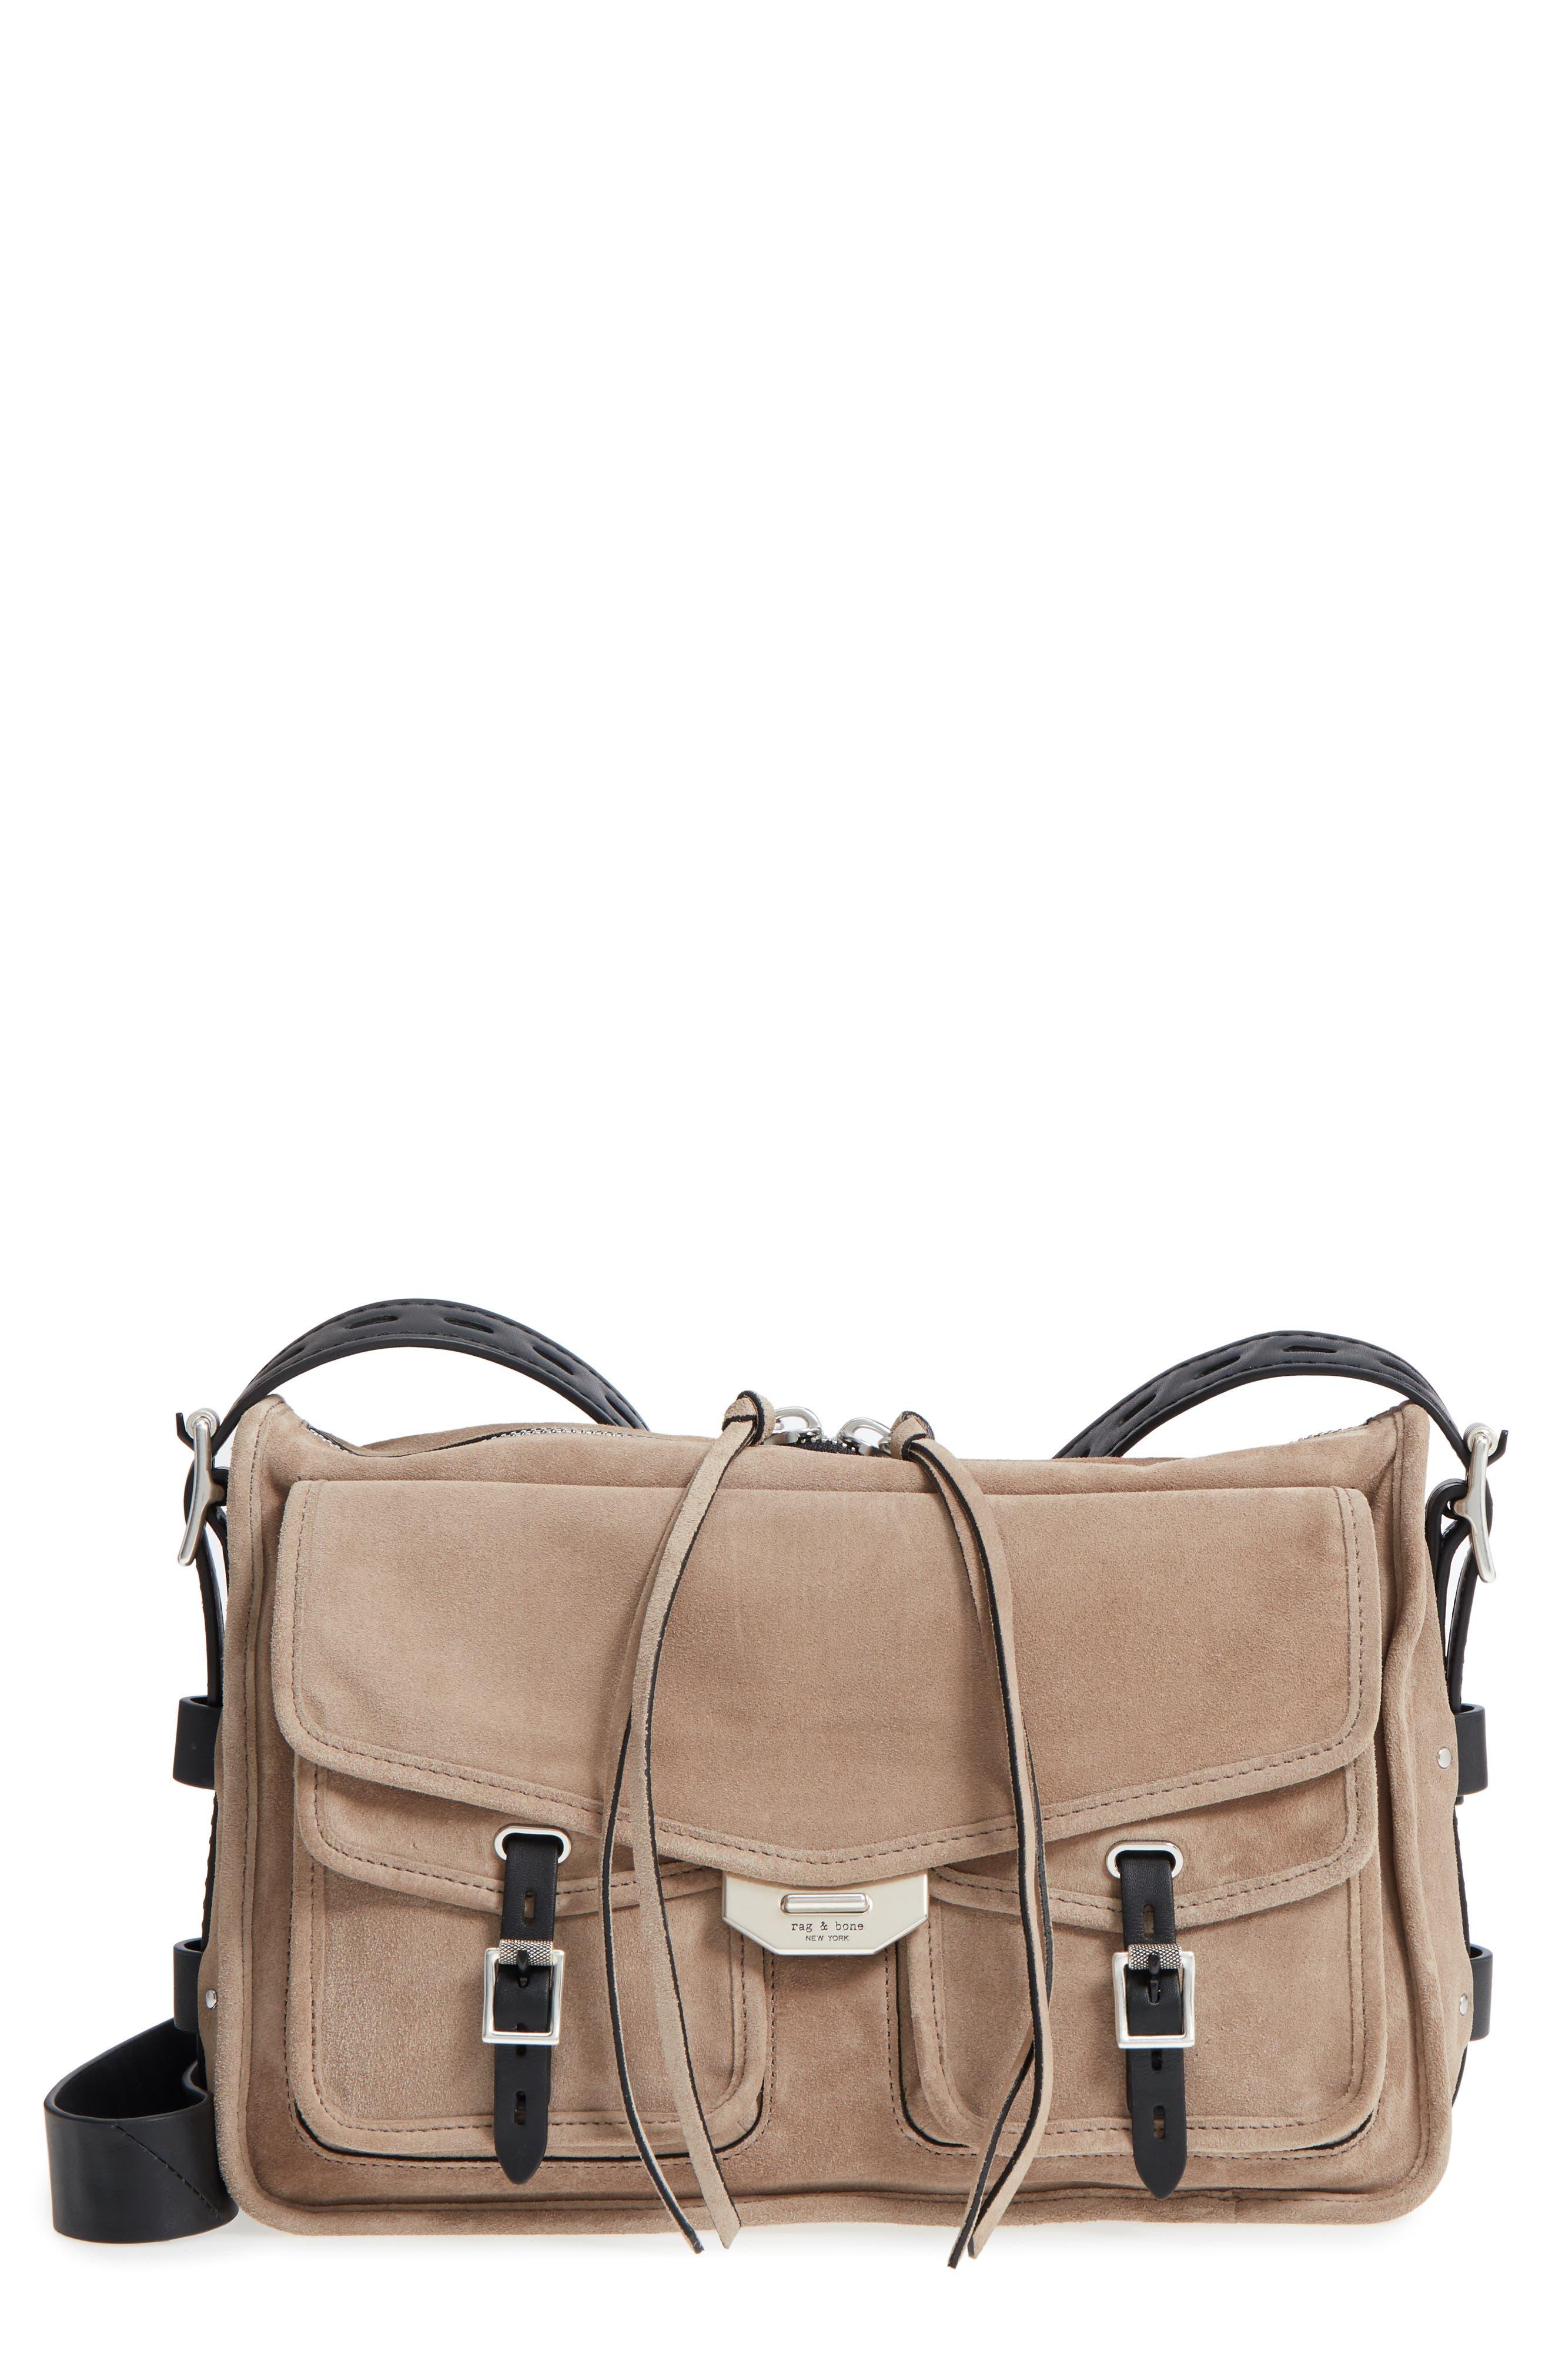 Field Suede Messenger Bag,                         Main,                         color, WARM GREY SUEDE